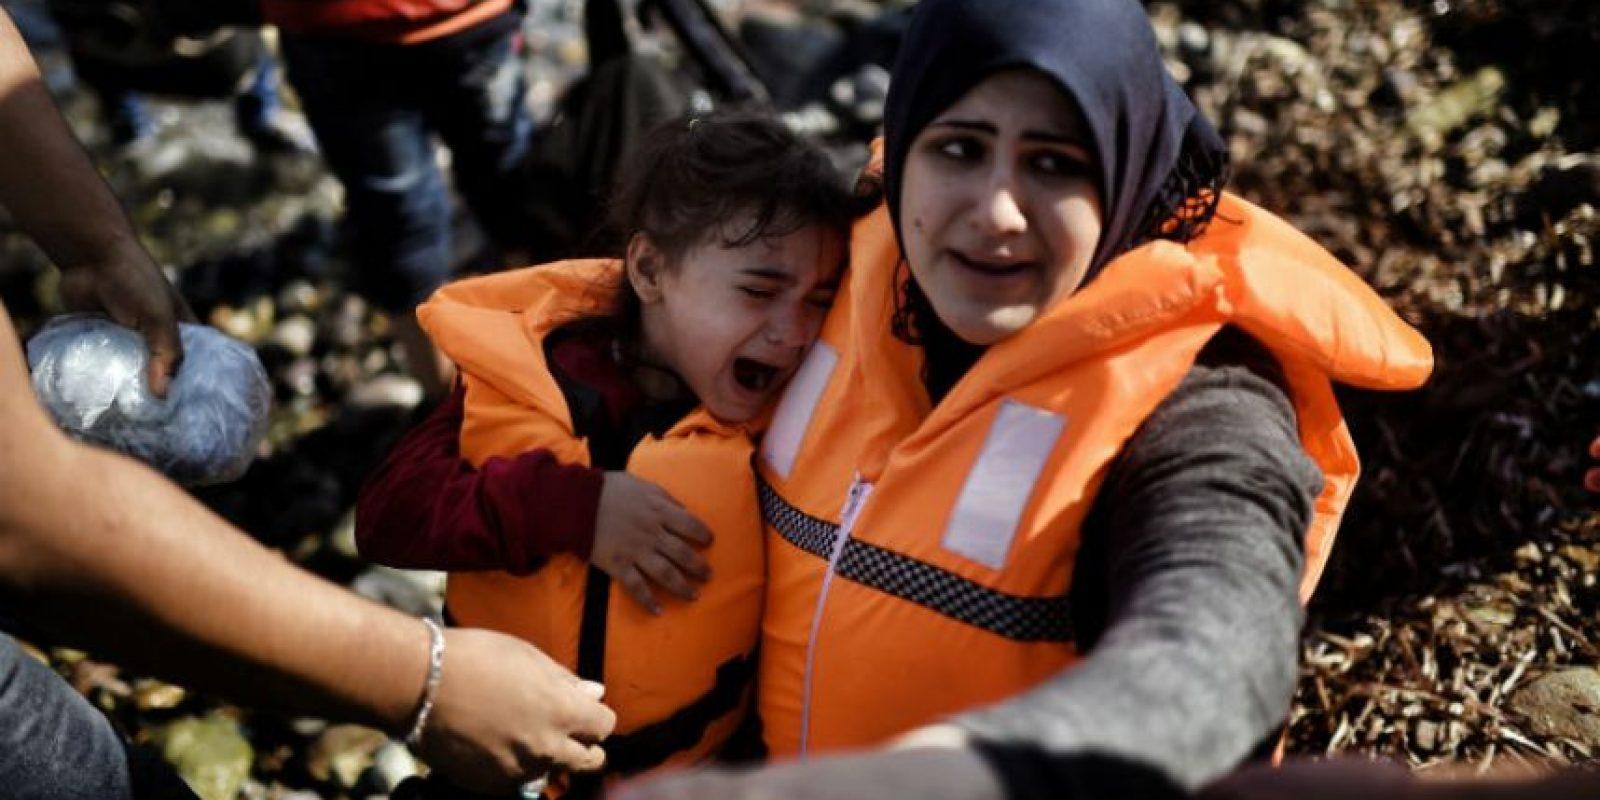 La mayoría de loss refugiados provienen de Siria Afganistán e Irak. Foto:AFP